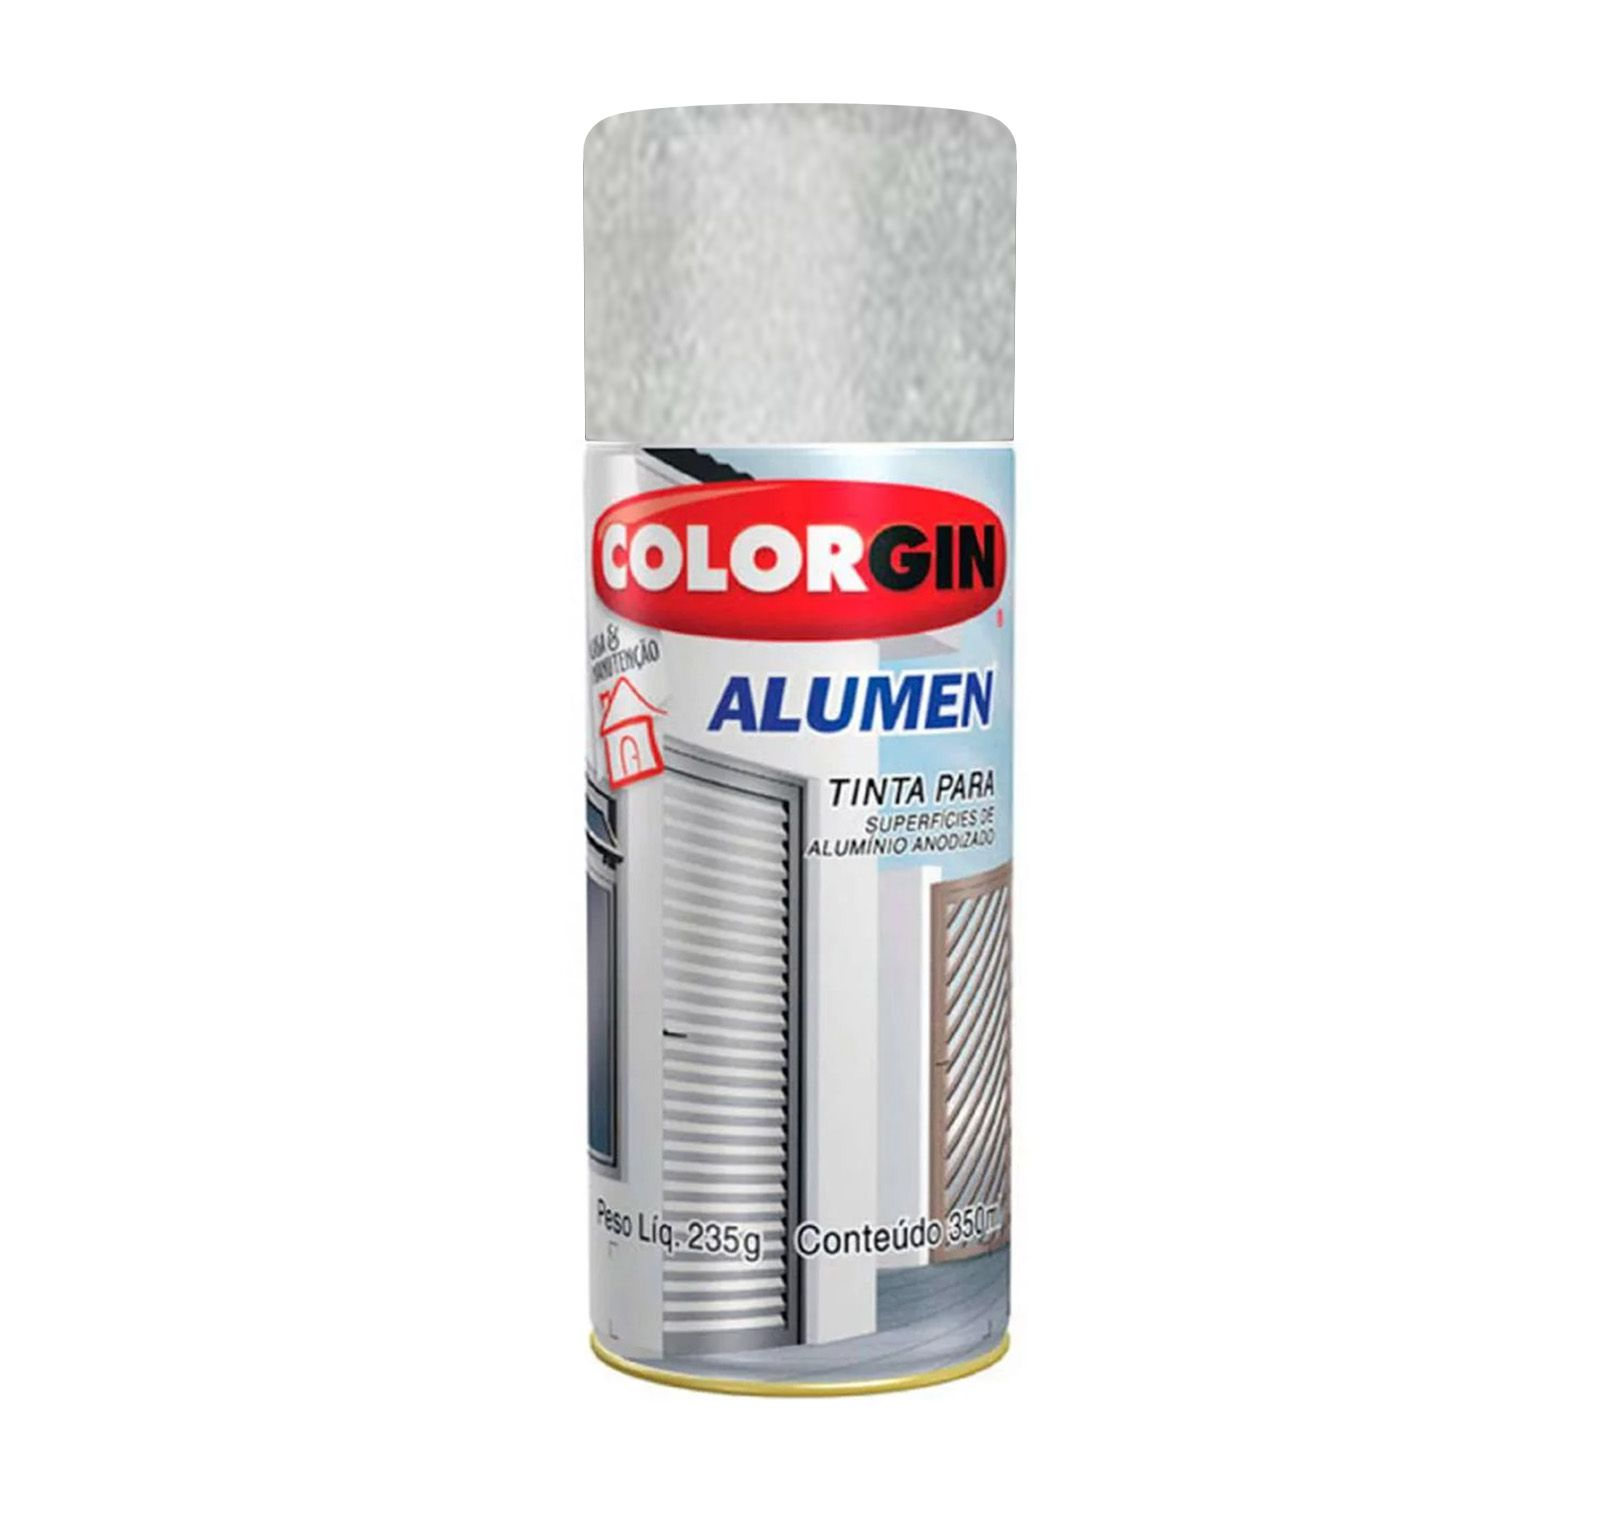 Spray 770 Alumen Aluminio Colorgin